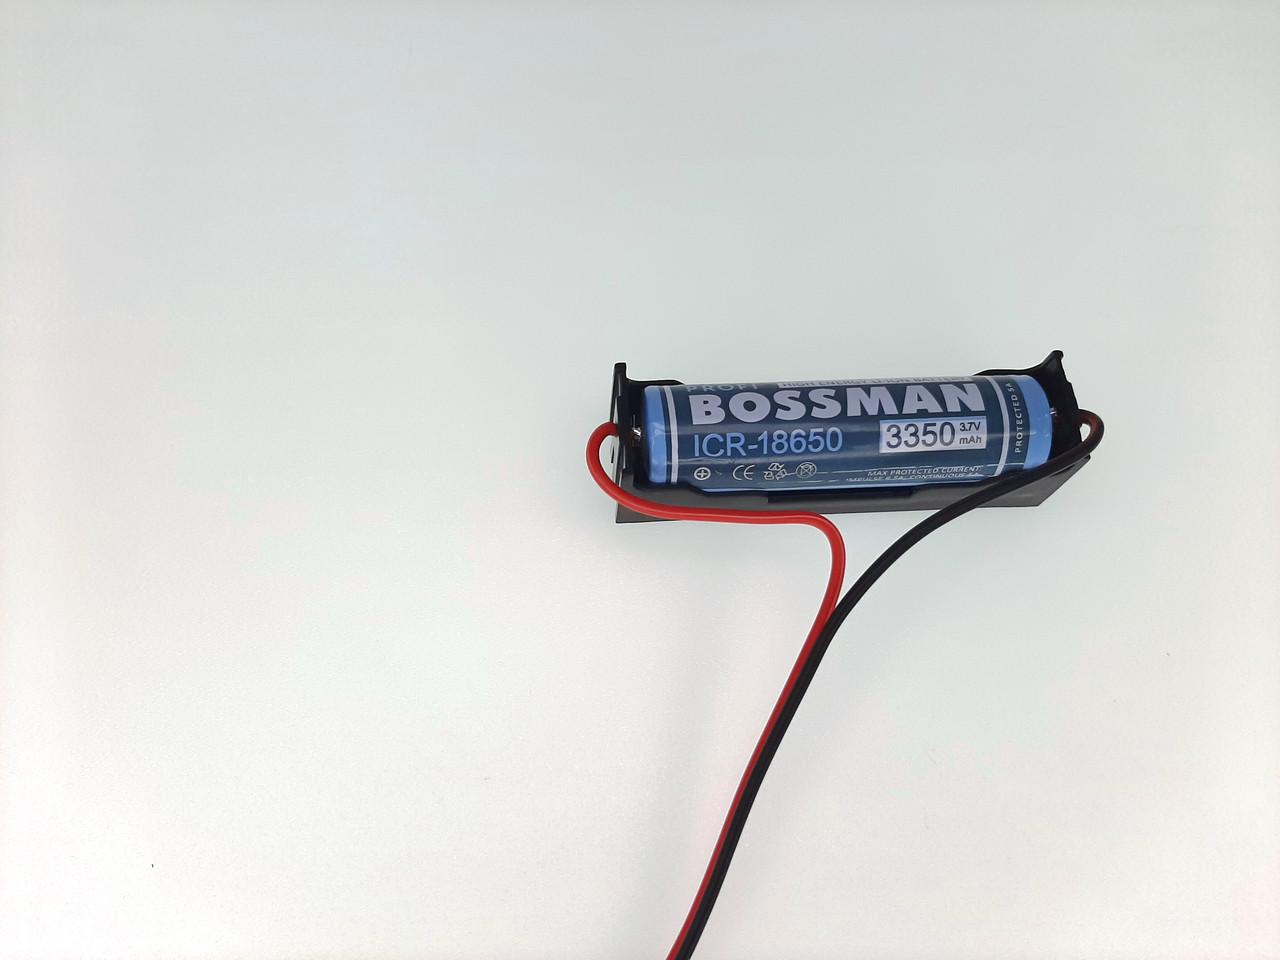 Аккумулятор Литиевый 18650 3350mA с защитой. Замена свинцово-кислотных аккумуляторов 4 вольта